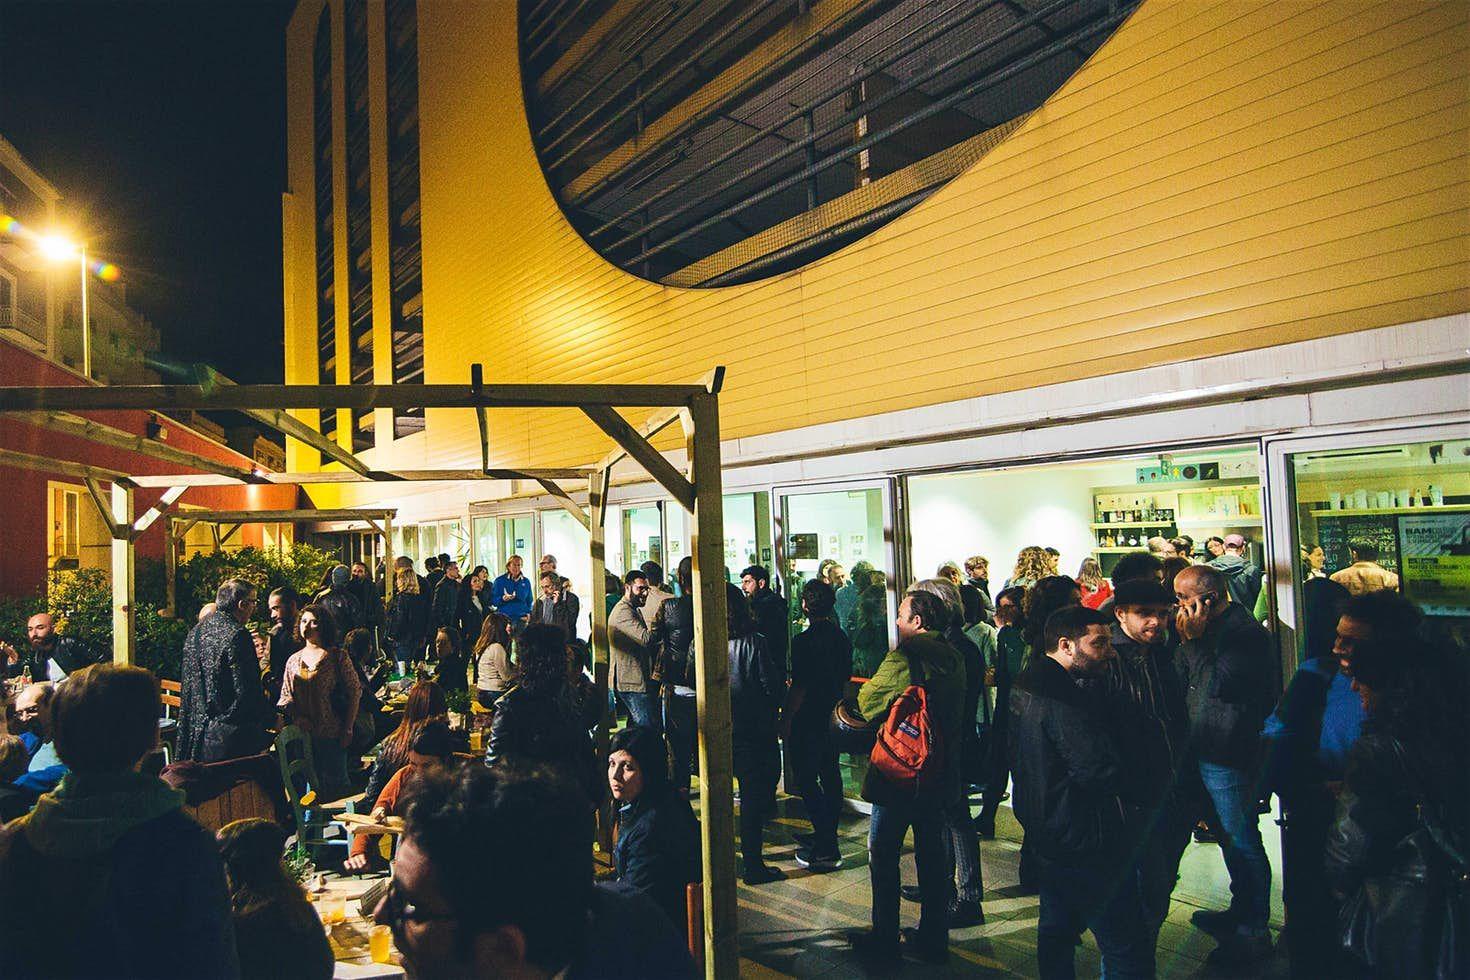 Il locale l'Officina degli Esordi a Bari la sera affollato anche all'esterno